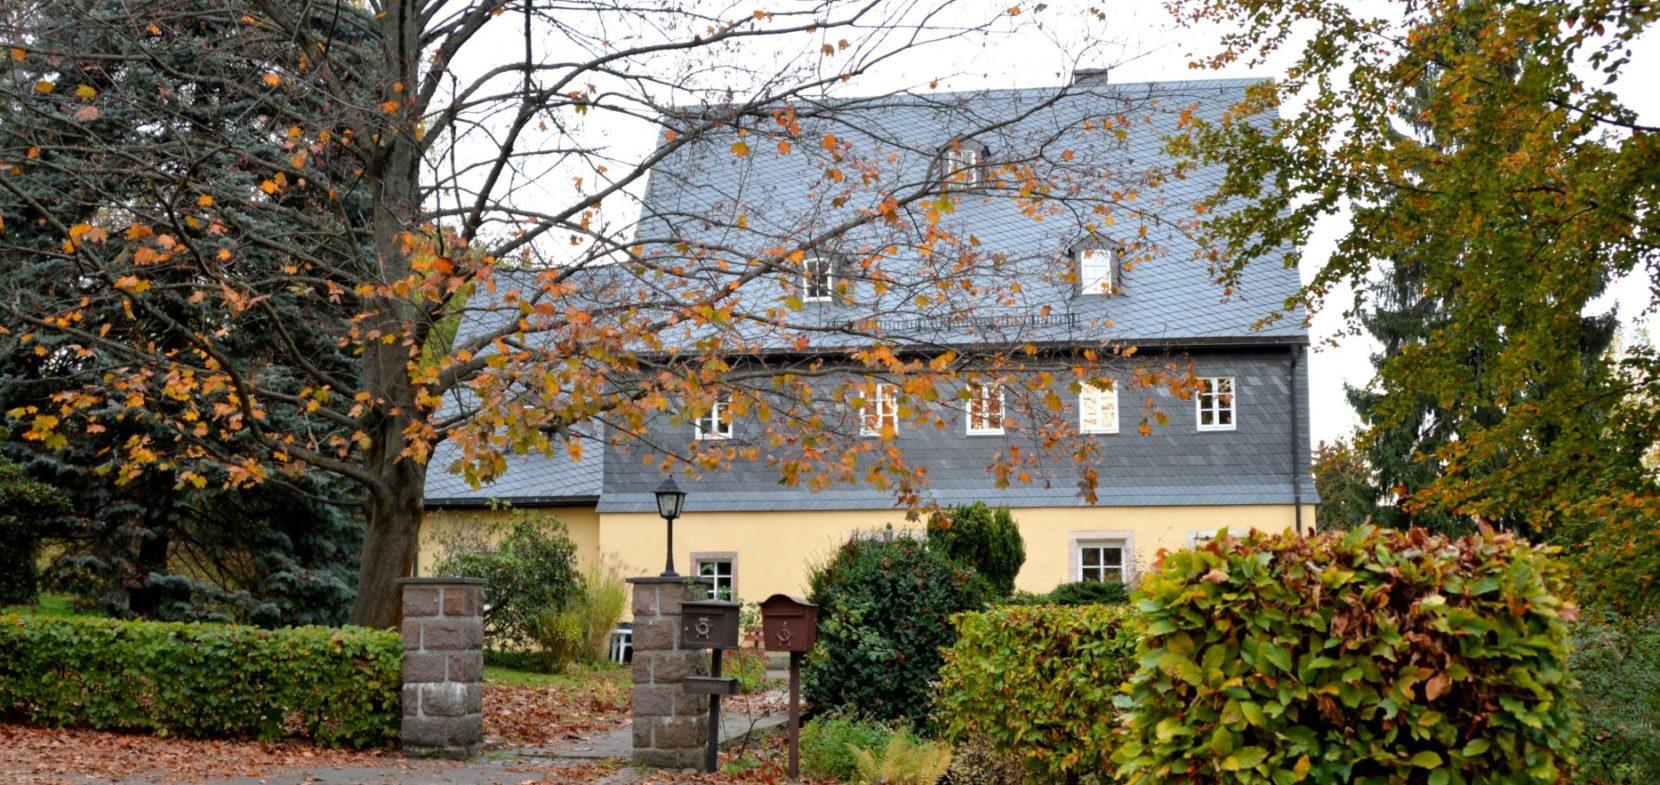 Kirchgemeinde Pleißa